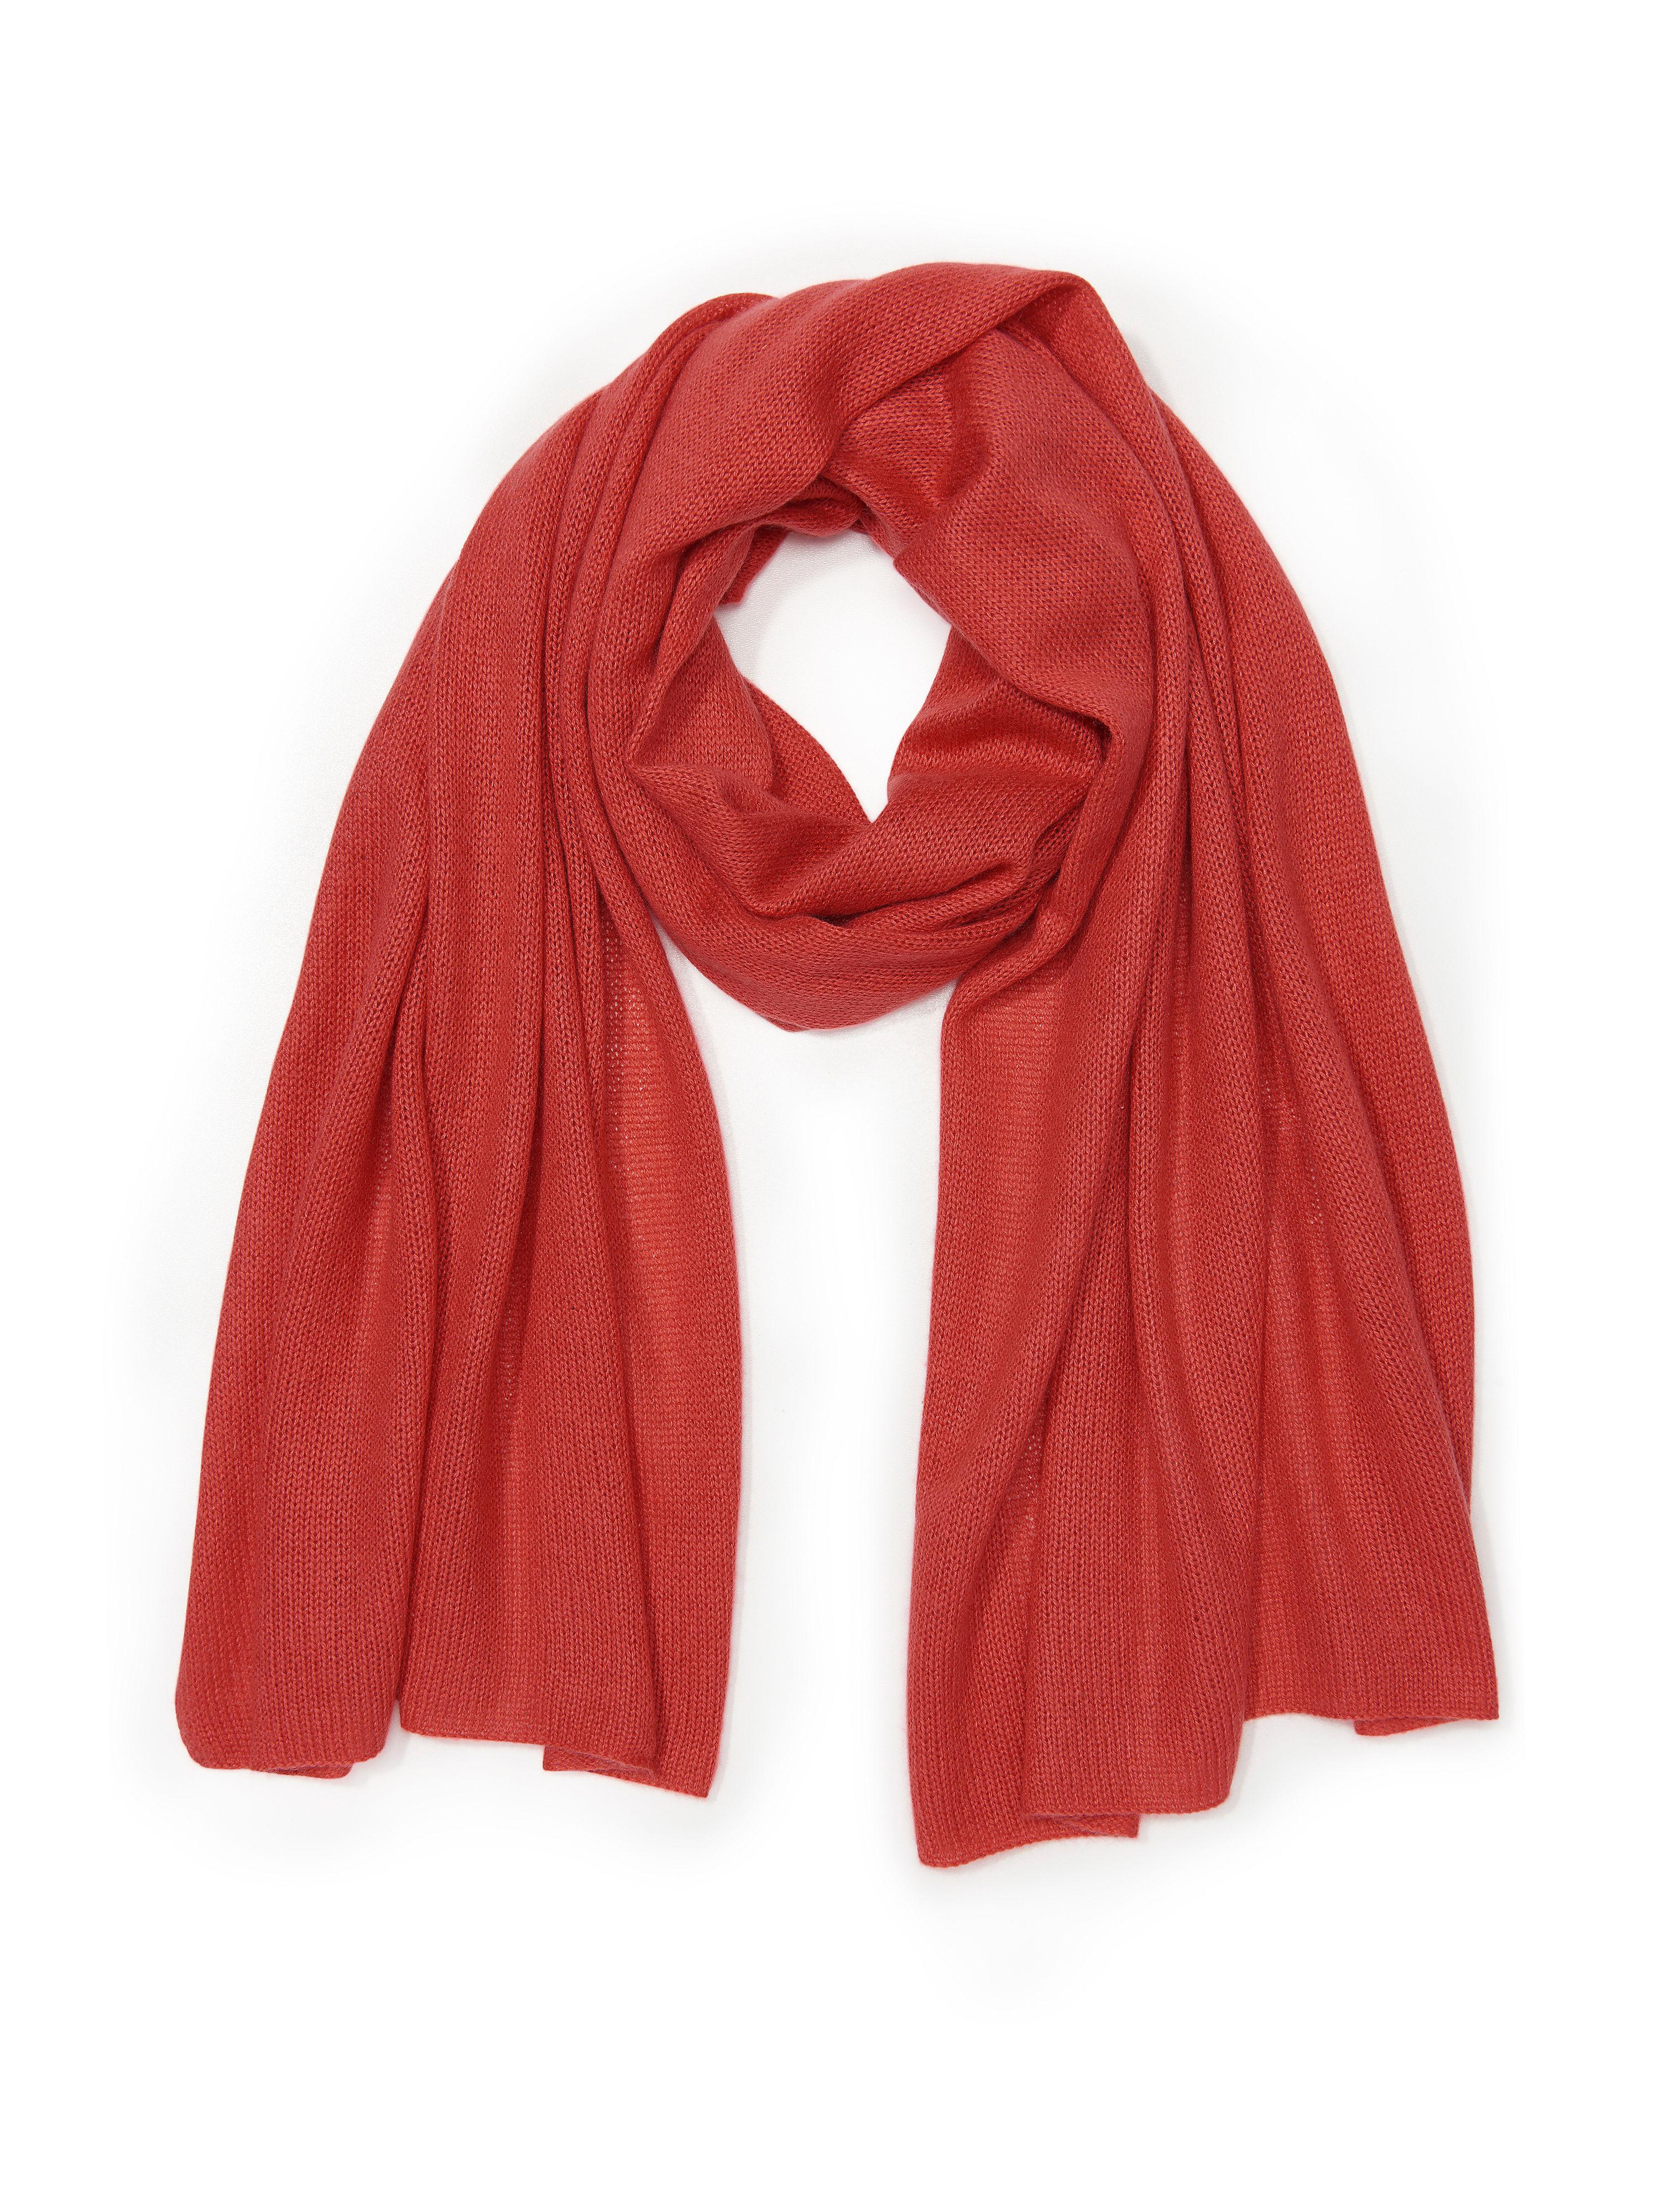 Schal aus Seide Kaschmir Peter Hahn rot: Schal aus Seide Kaschmir Peter Hahn rot für Damen und Herren in rot